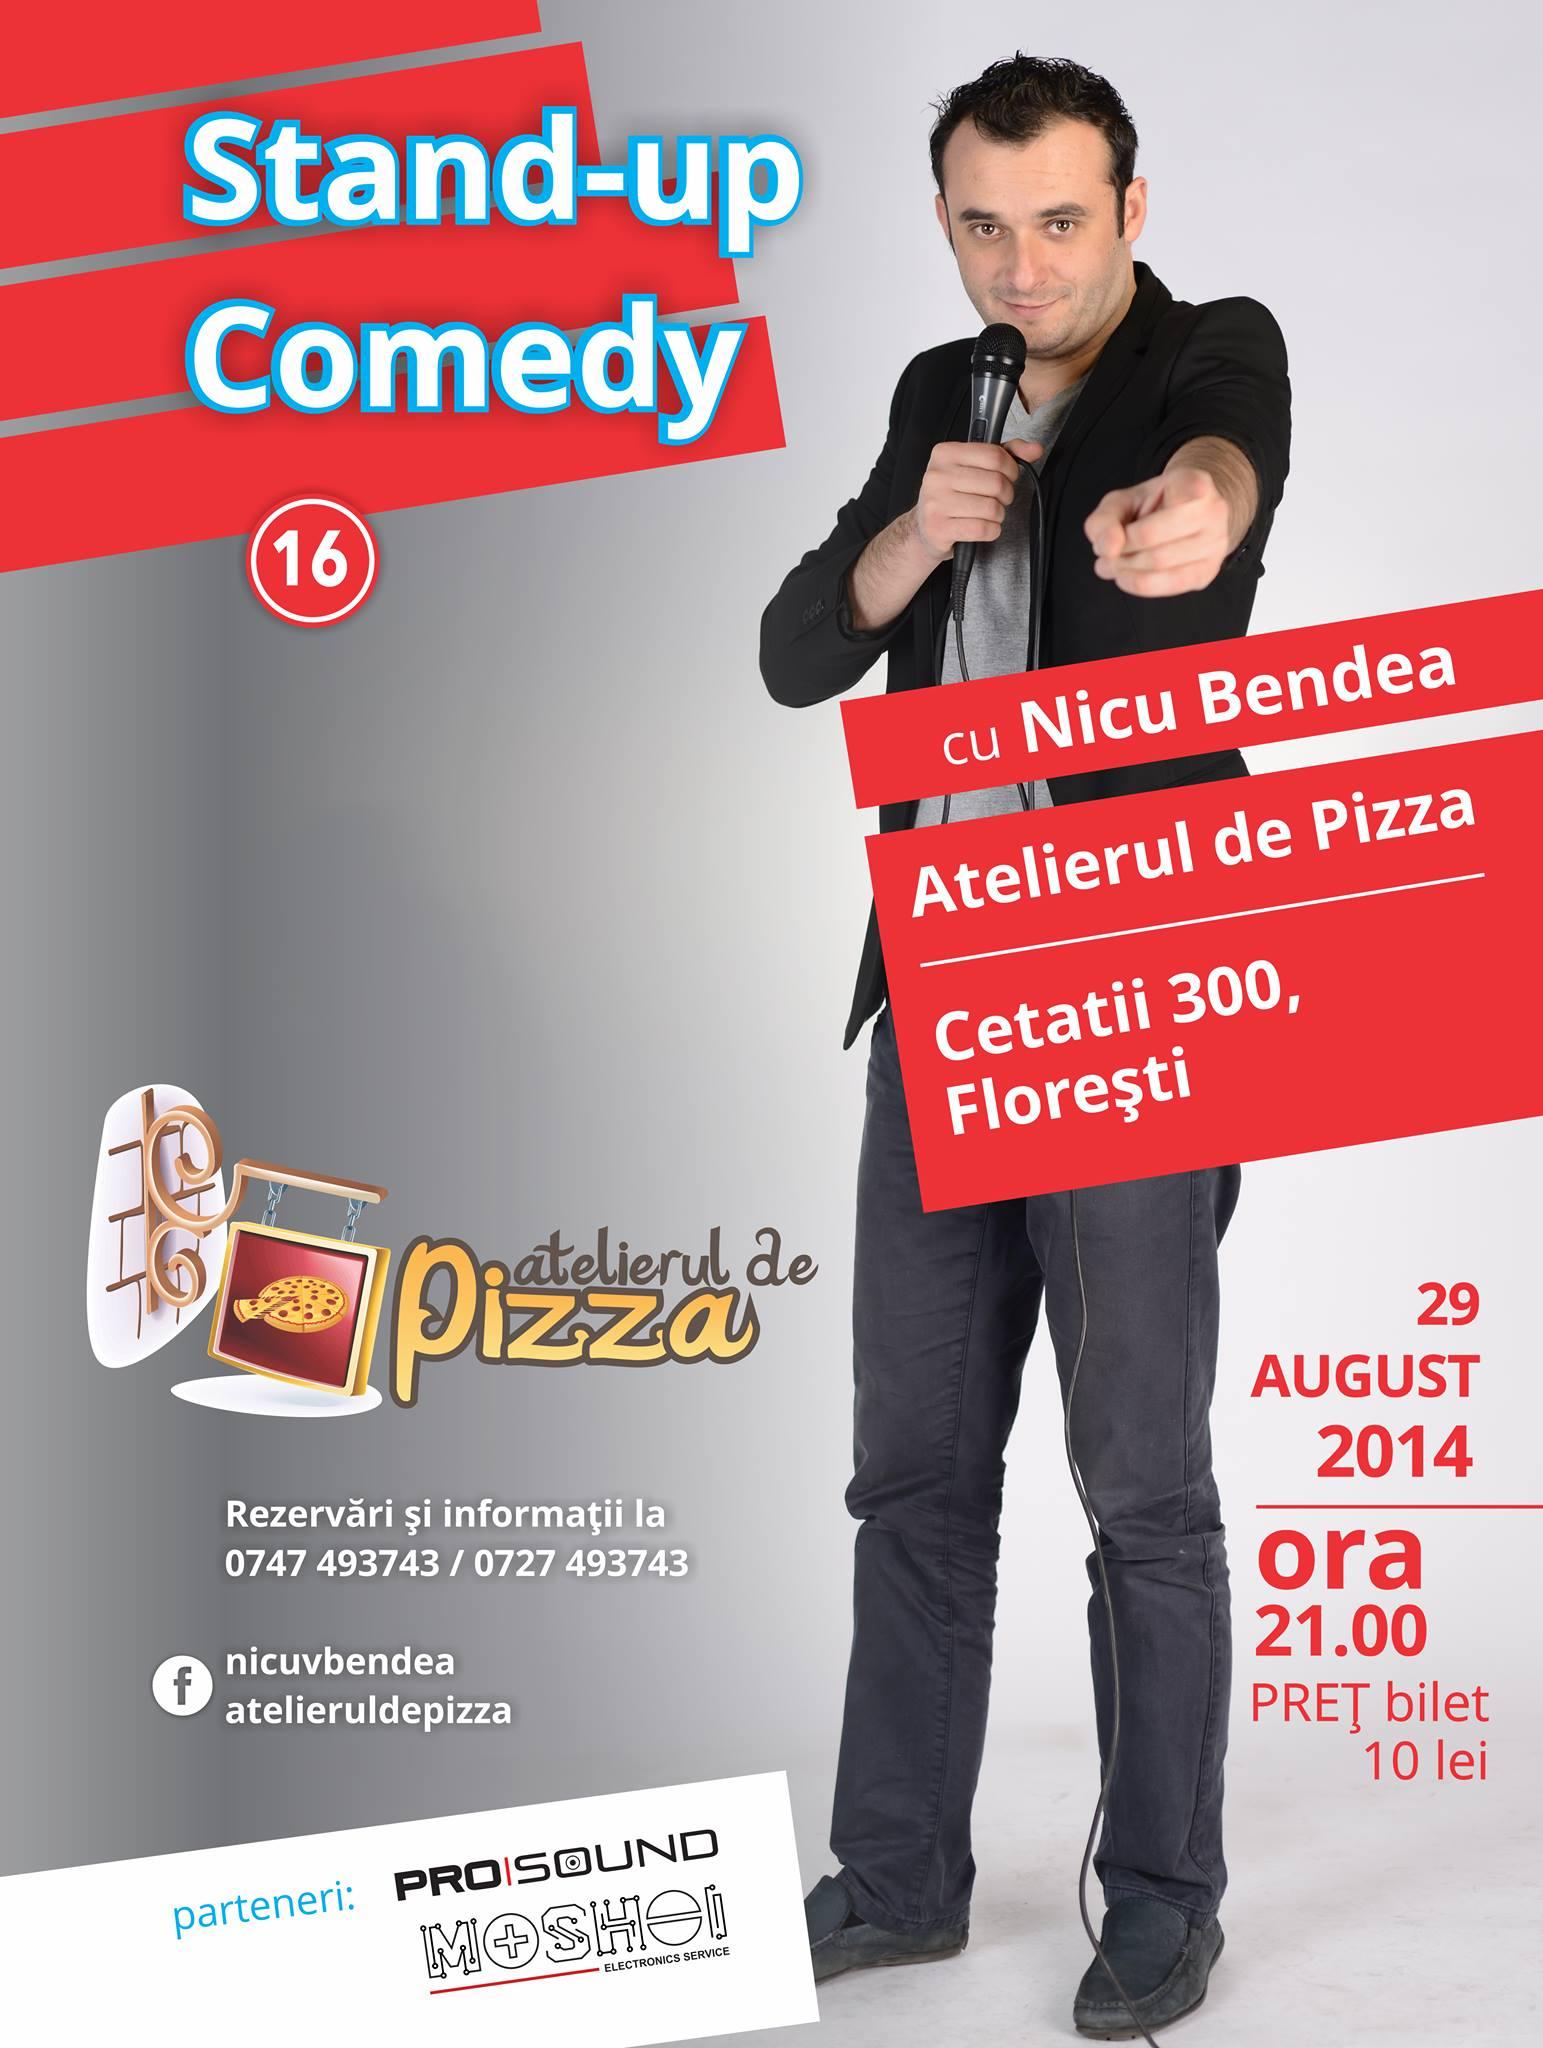 Nicu Bendea @ Atelierul de Pizza